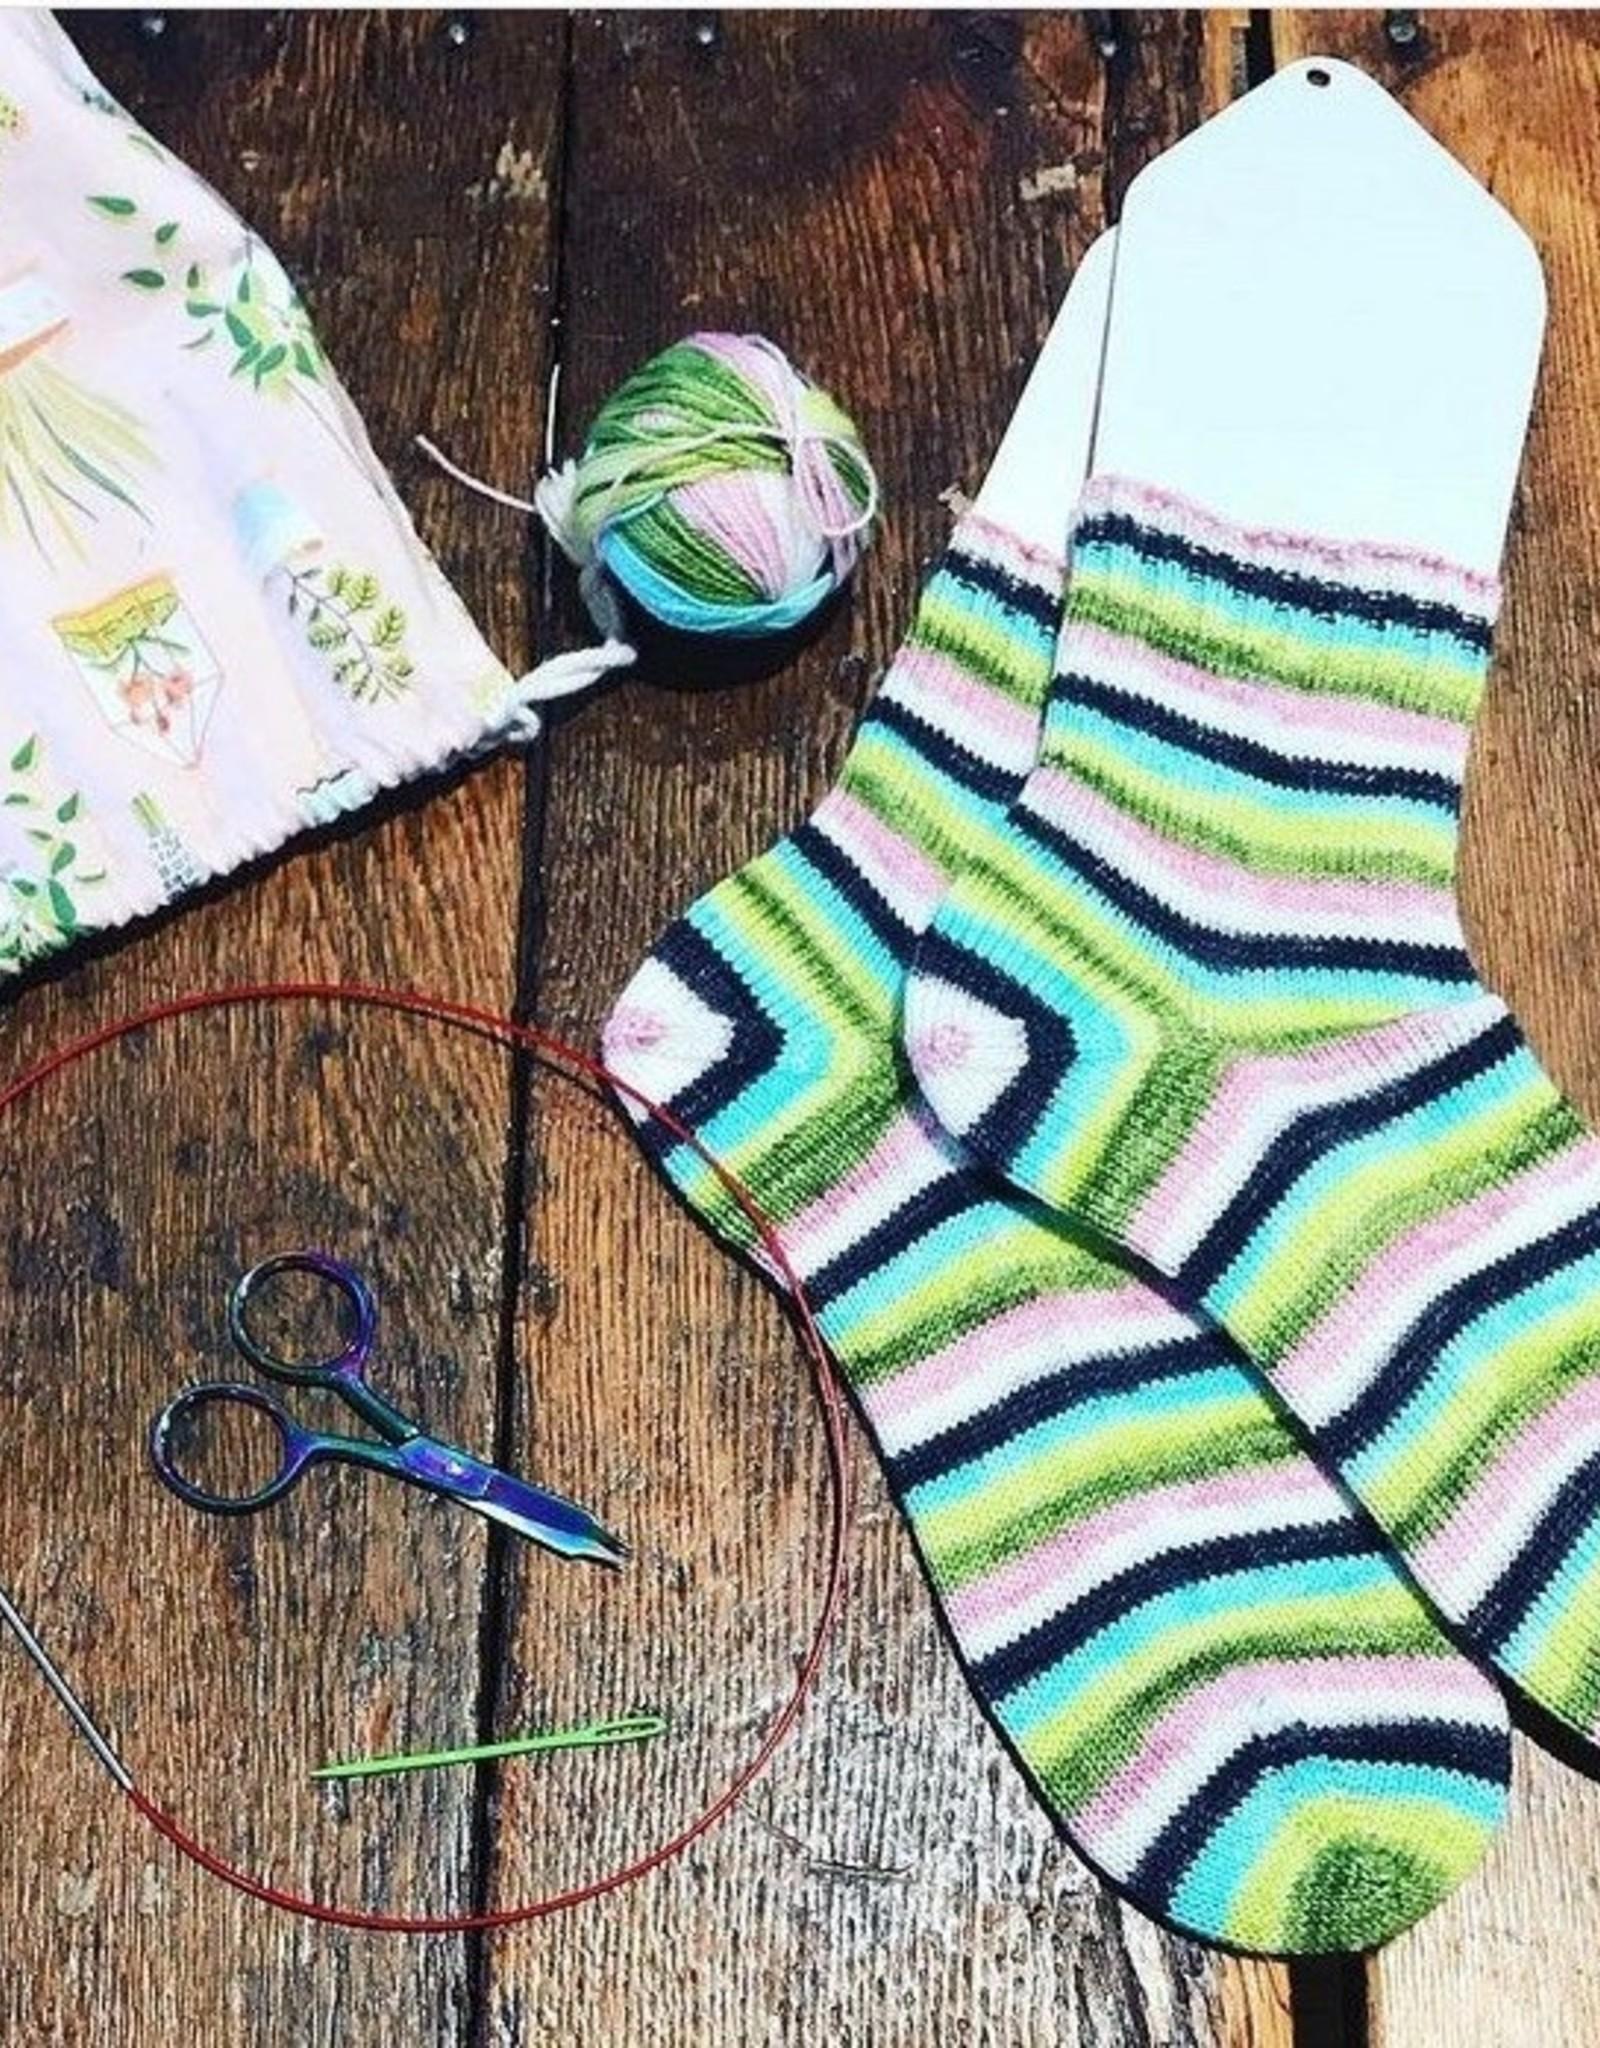 Knit Socks  - Short Row Heel